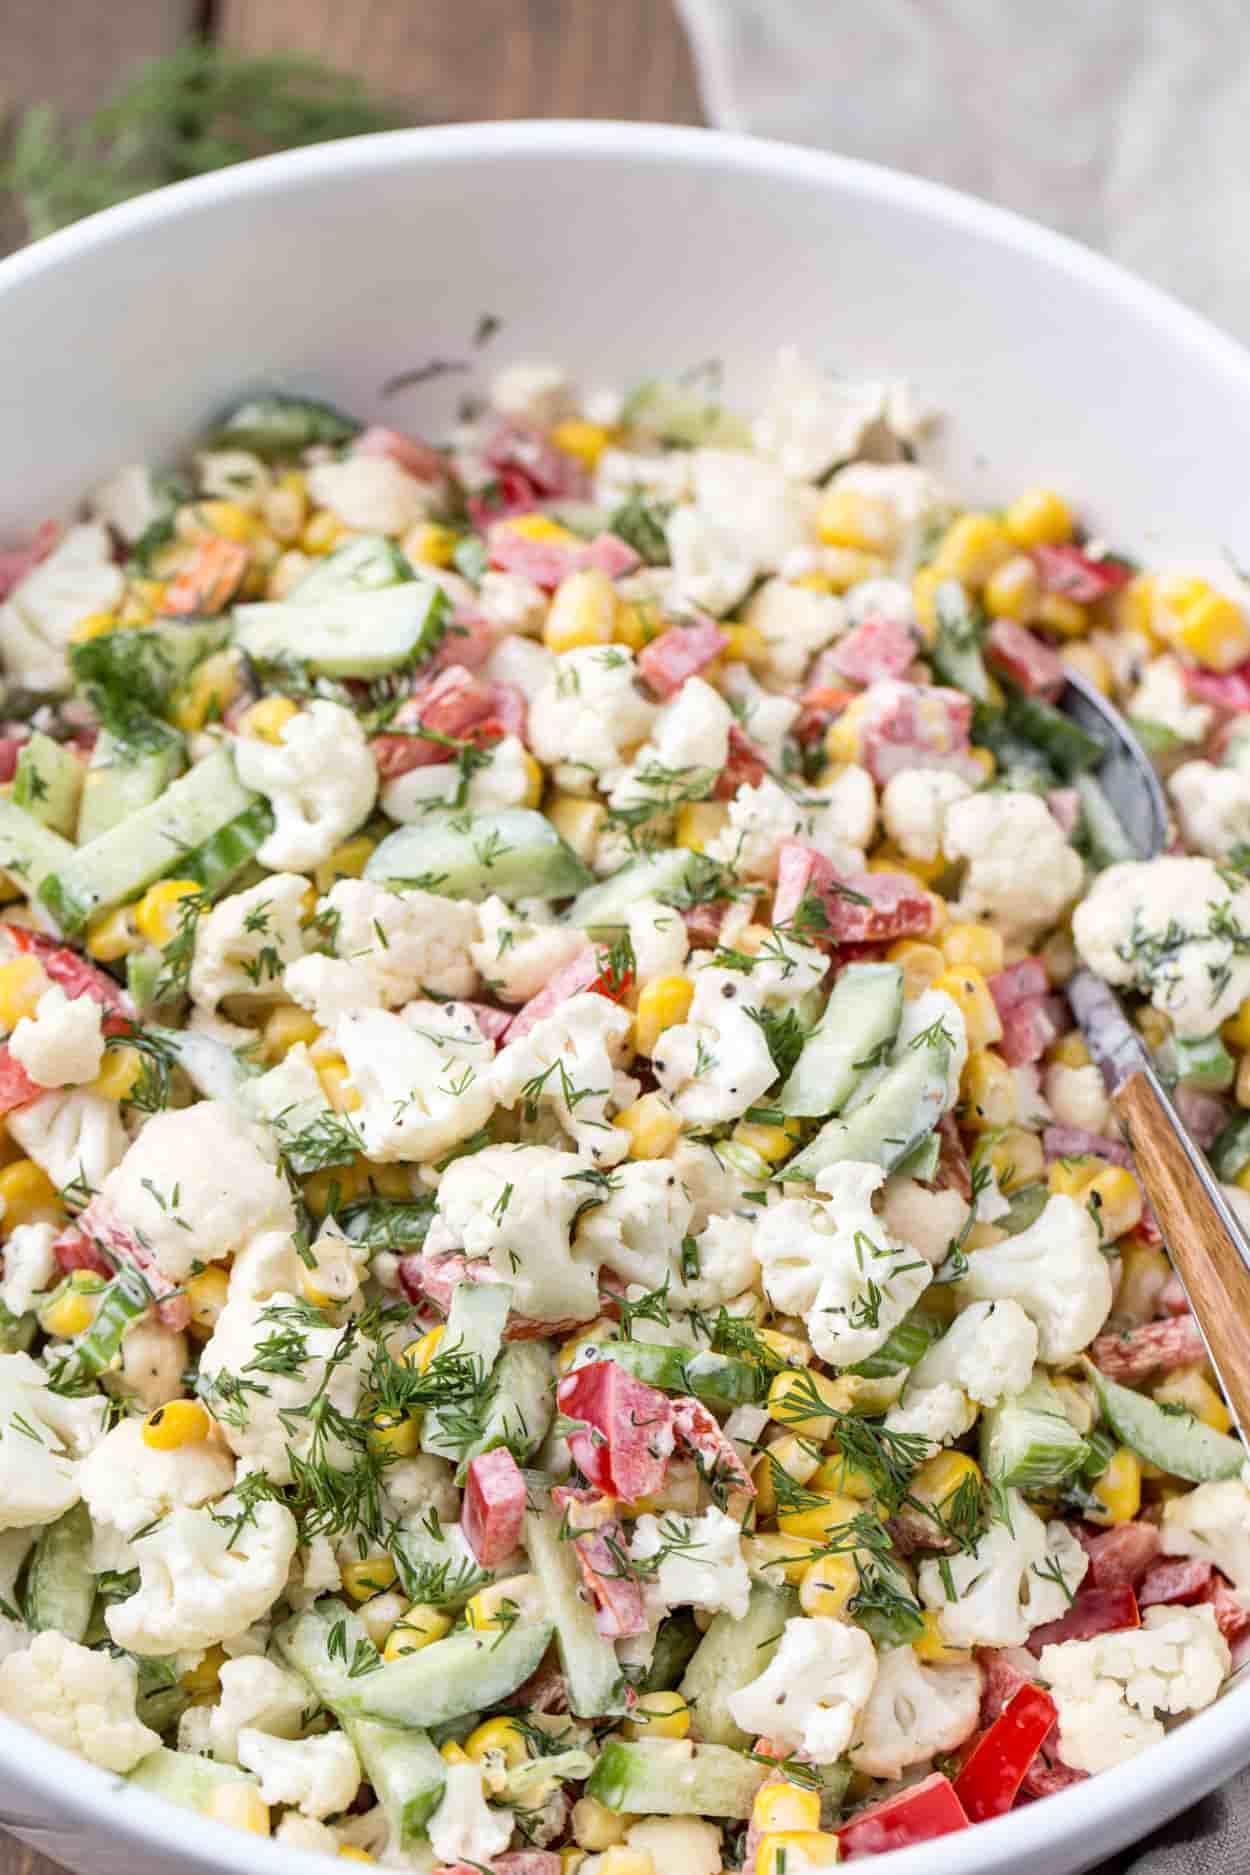 Cauliflower cucumber corn salad recipe in a bowl.